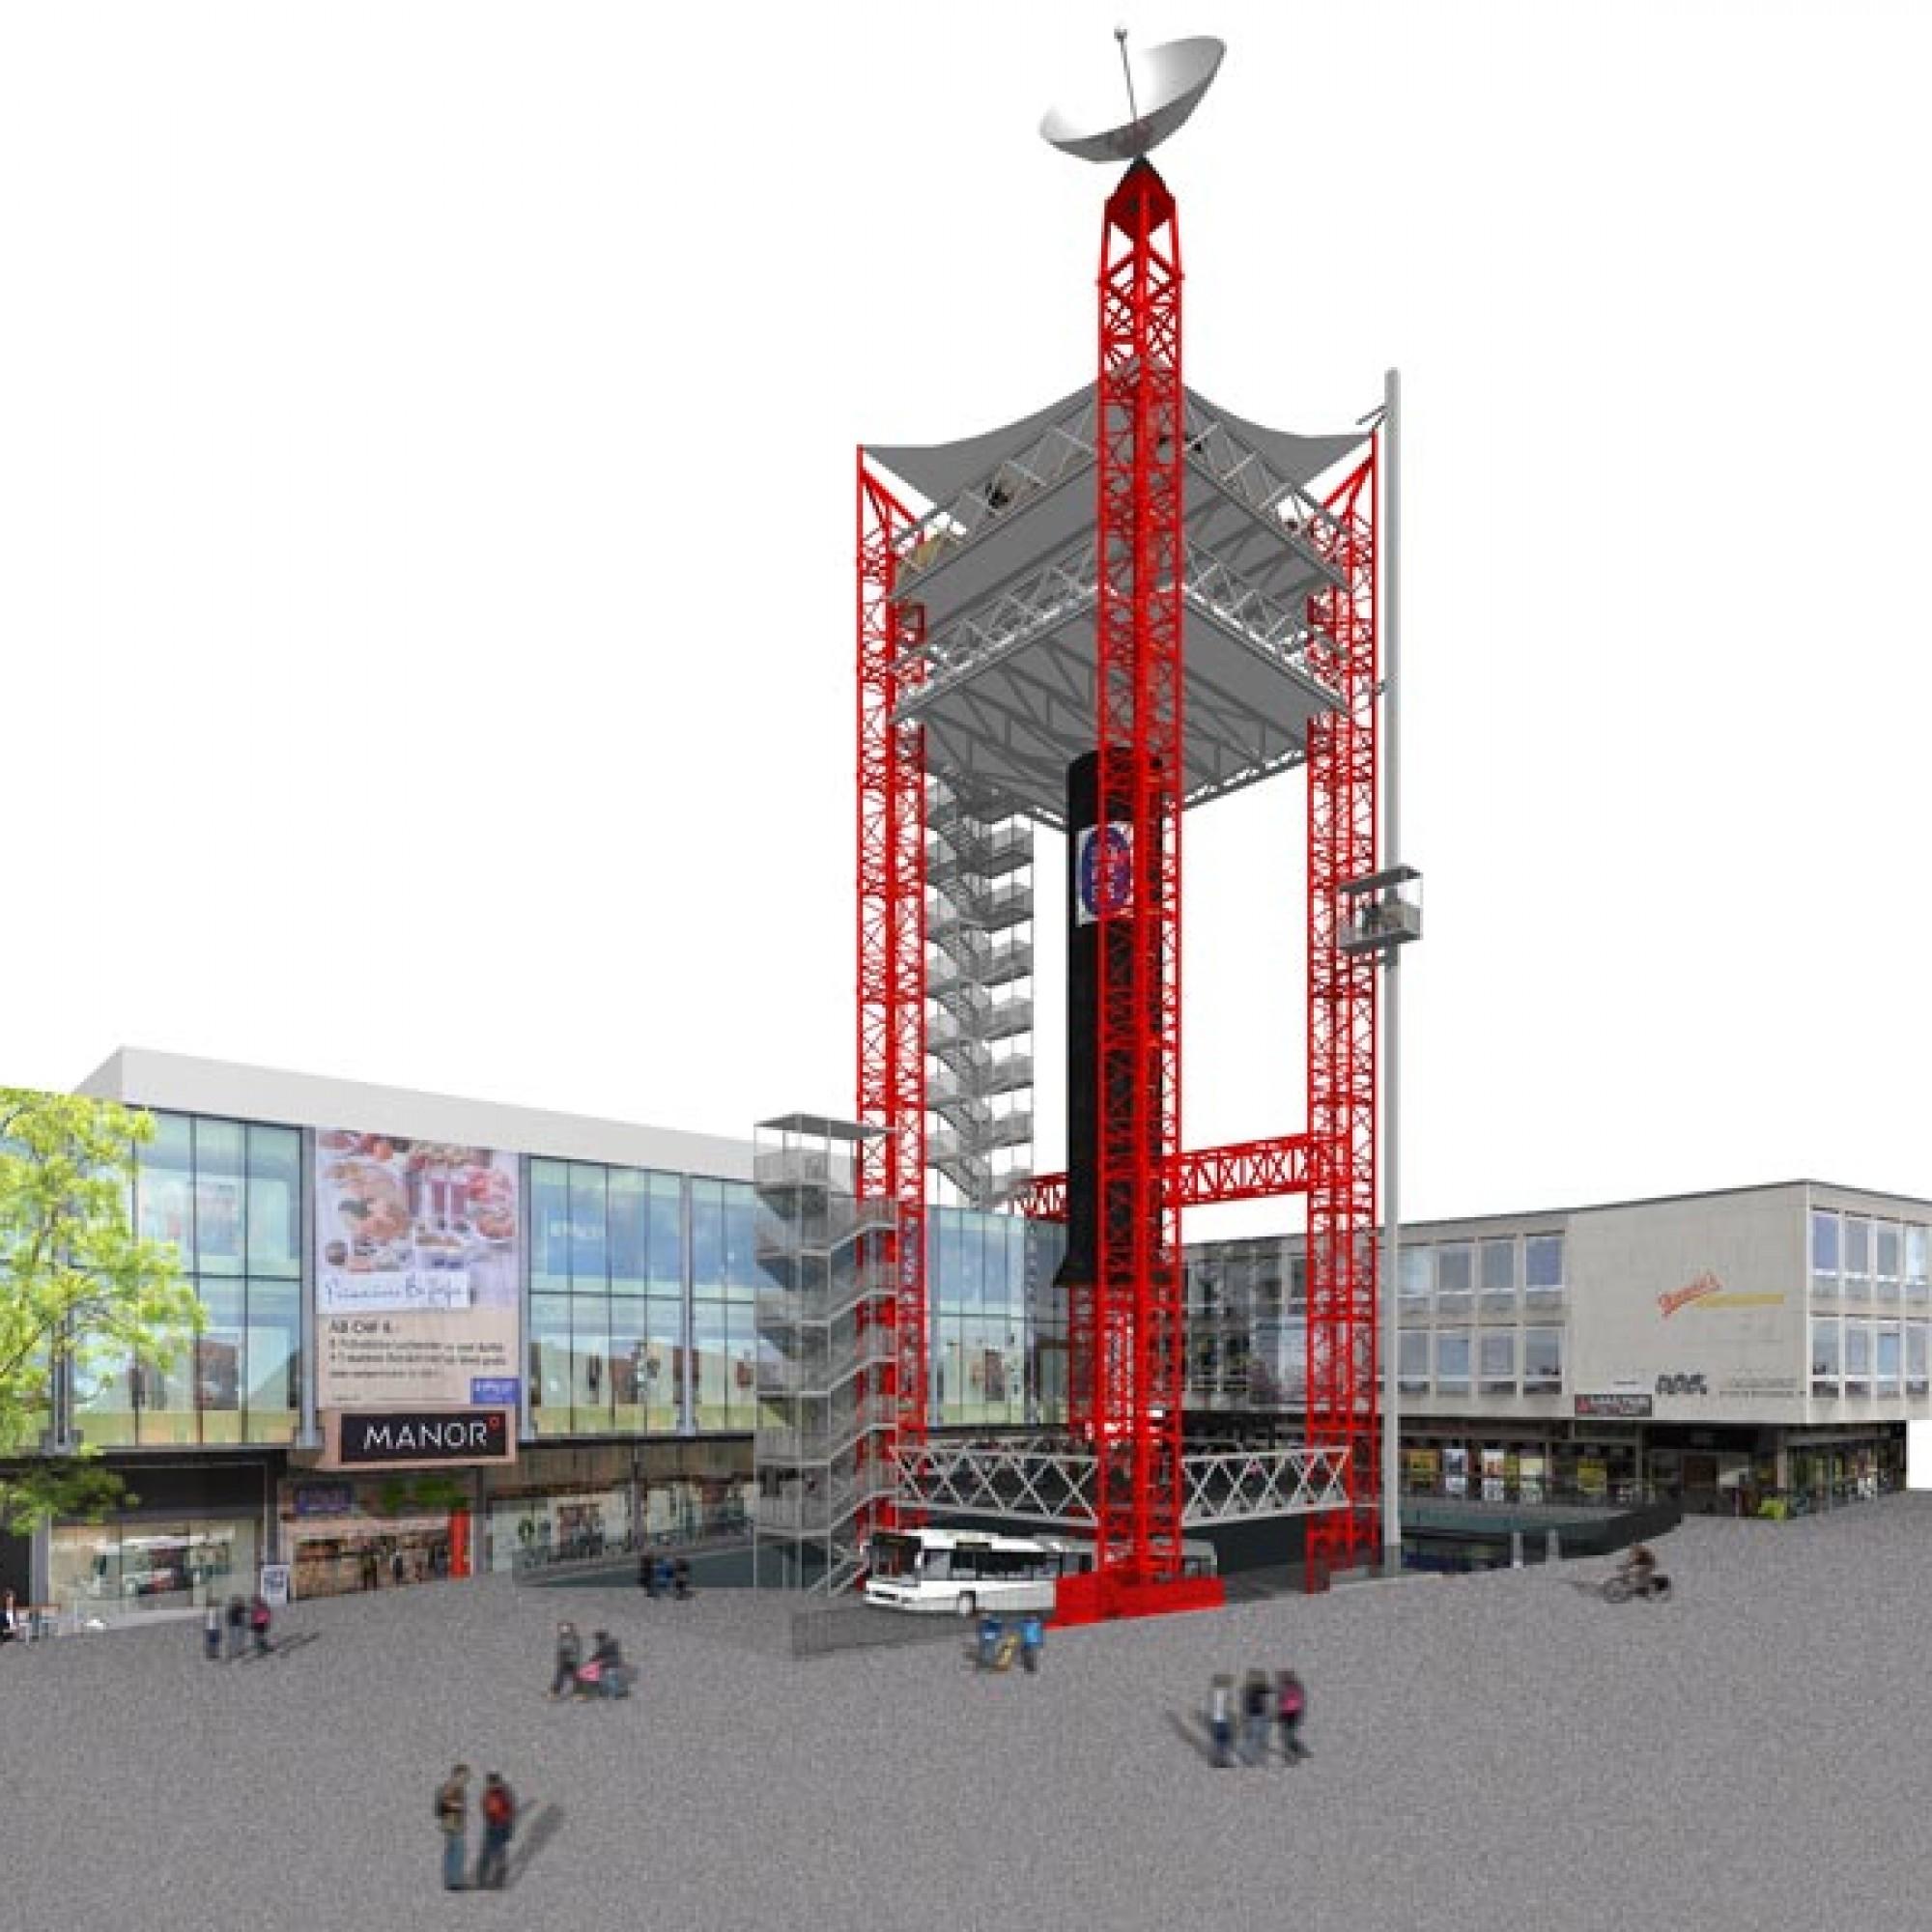 Mit 42 Metern soll die Festbeiz der  Ehrendinger Vereine alle anderen Projekte weitaus überragen. (Visualisierung: zvg)